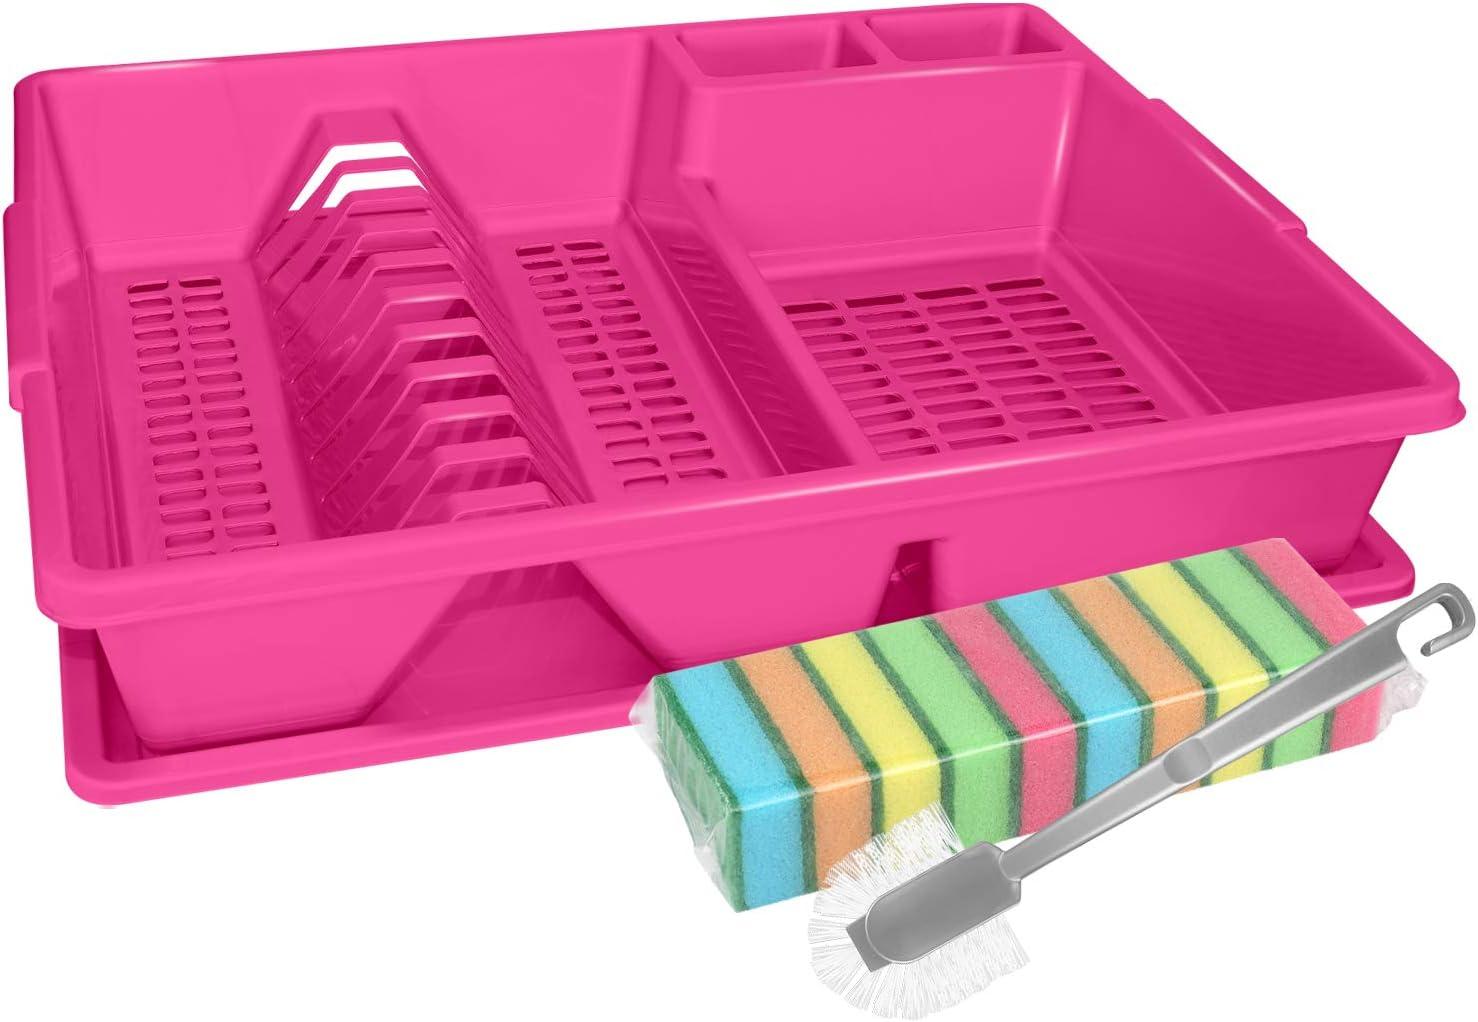 Escurreplatos aprox 44 x 35 x 9 cm color: rosa largo x ancho x alto Estructura de escurrido Wellgro Soporte para vajilla Escurreplatos cepillo de limpieza y 10 esponjas